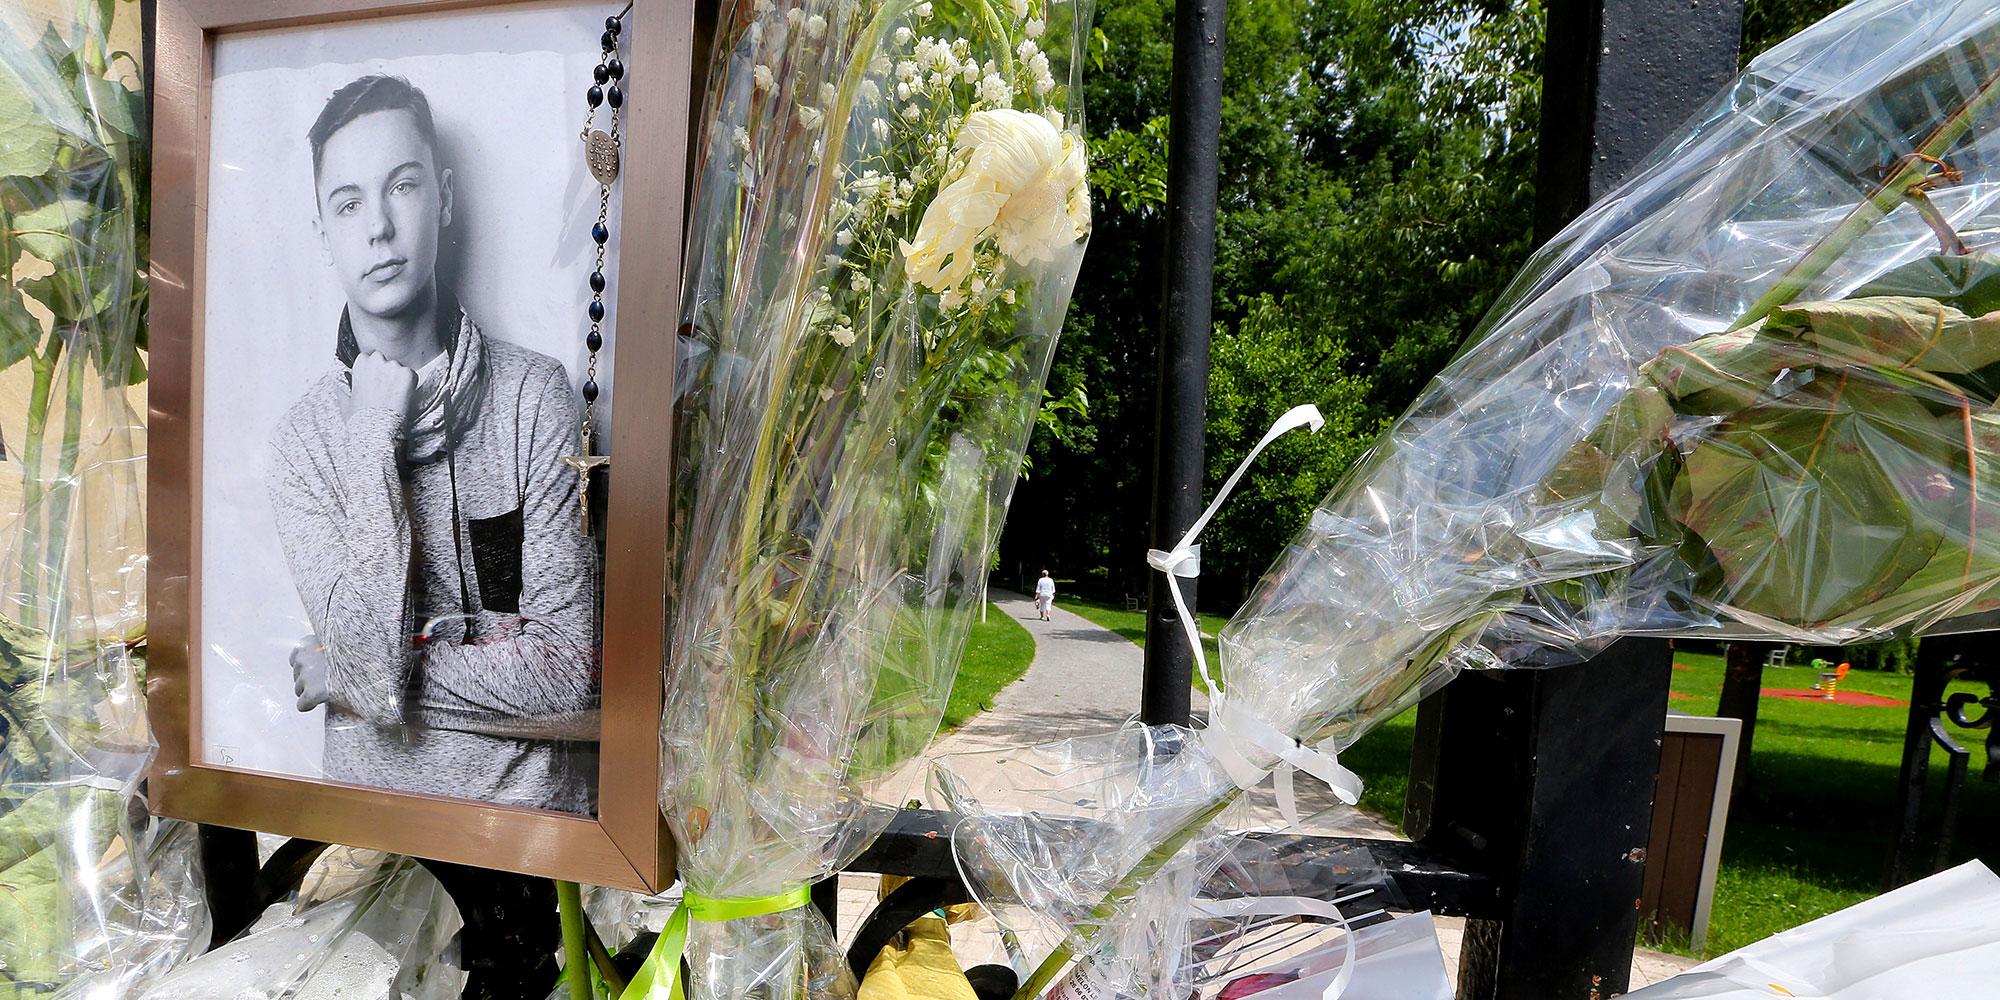 Assassinat de Kévin Chavatte à Mourmelon en 2018 : ces ados presque ordinaires devenus des assassins